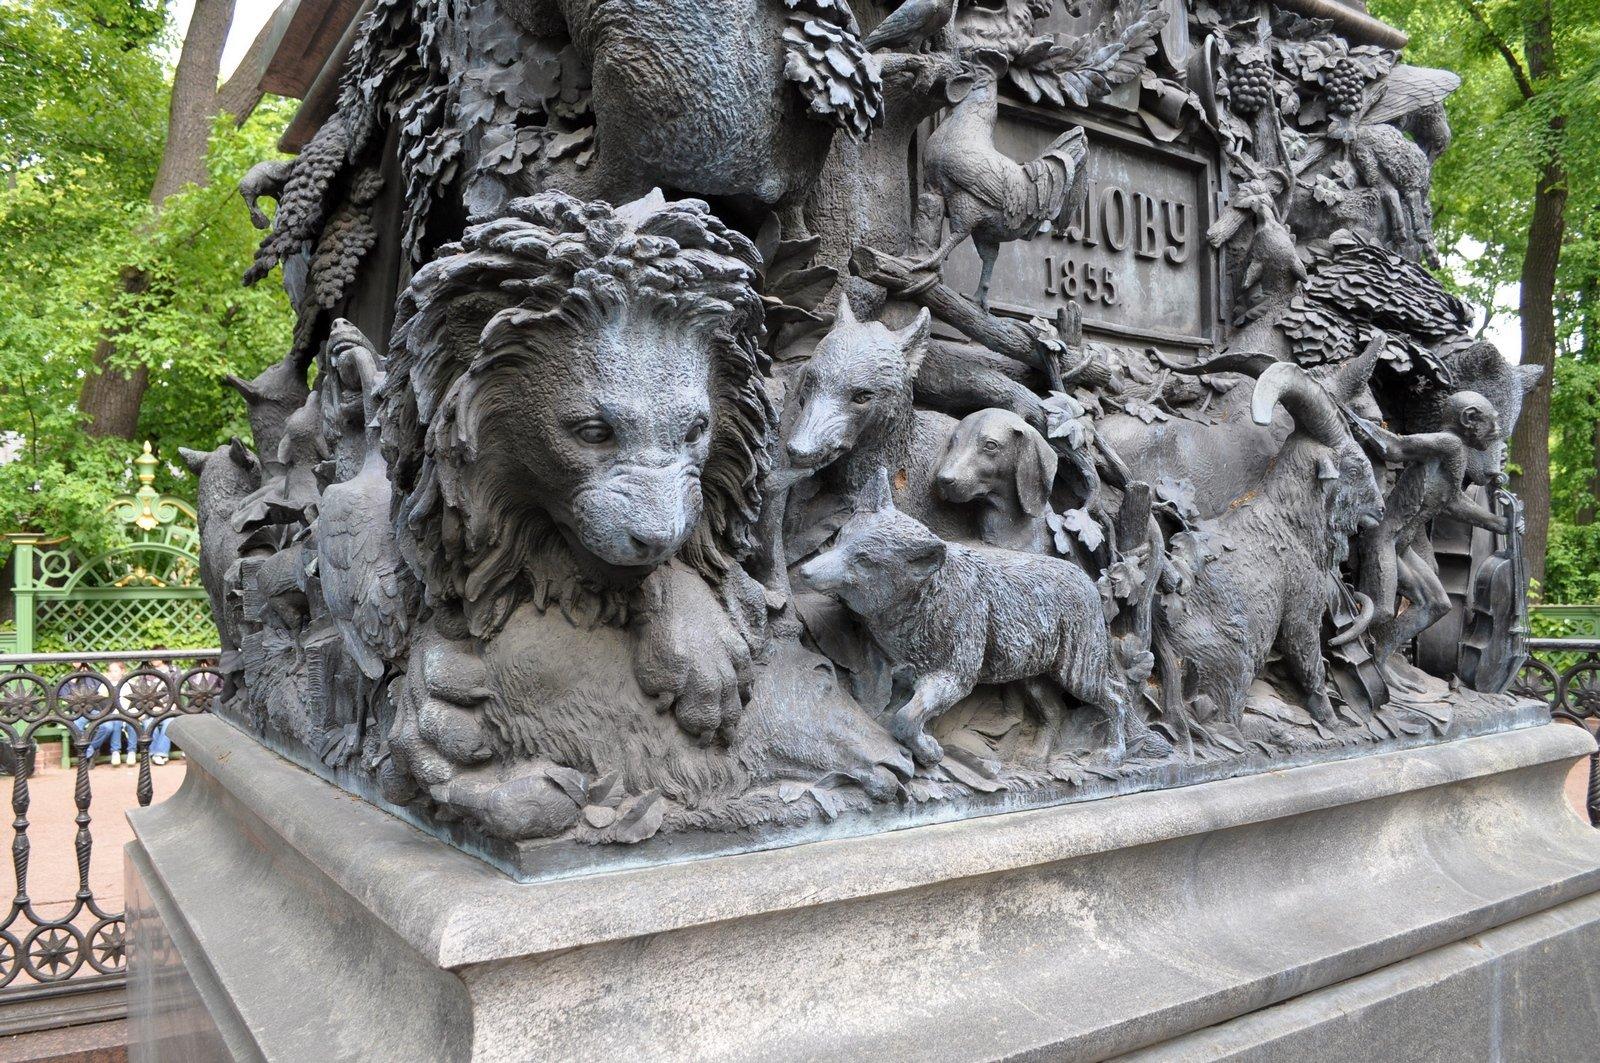 картинка памятника крылову в петербурге некоторых